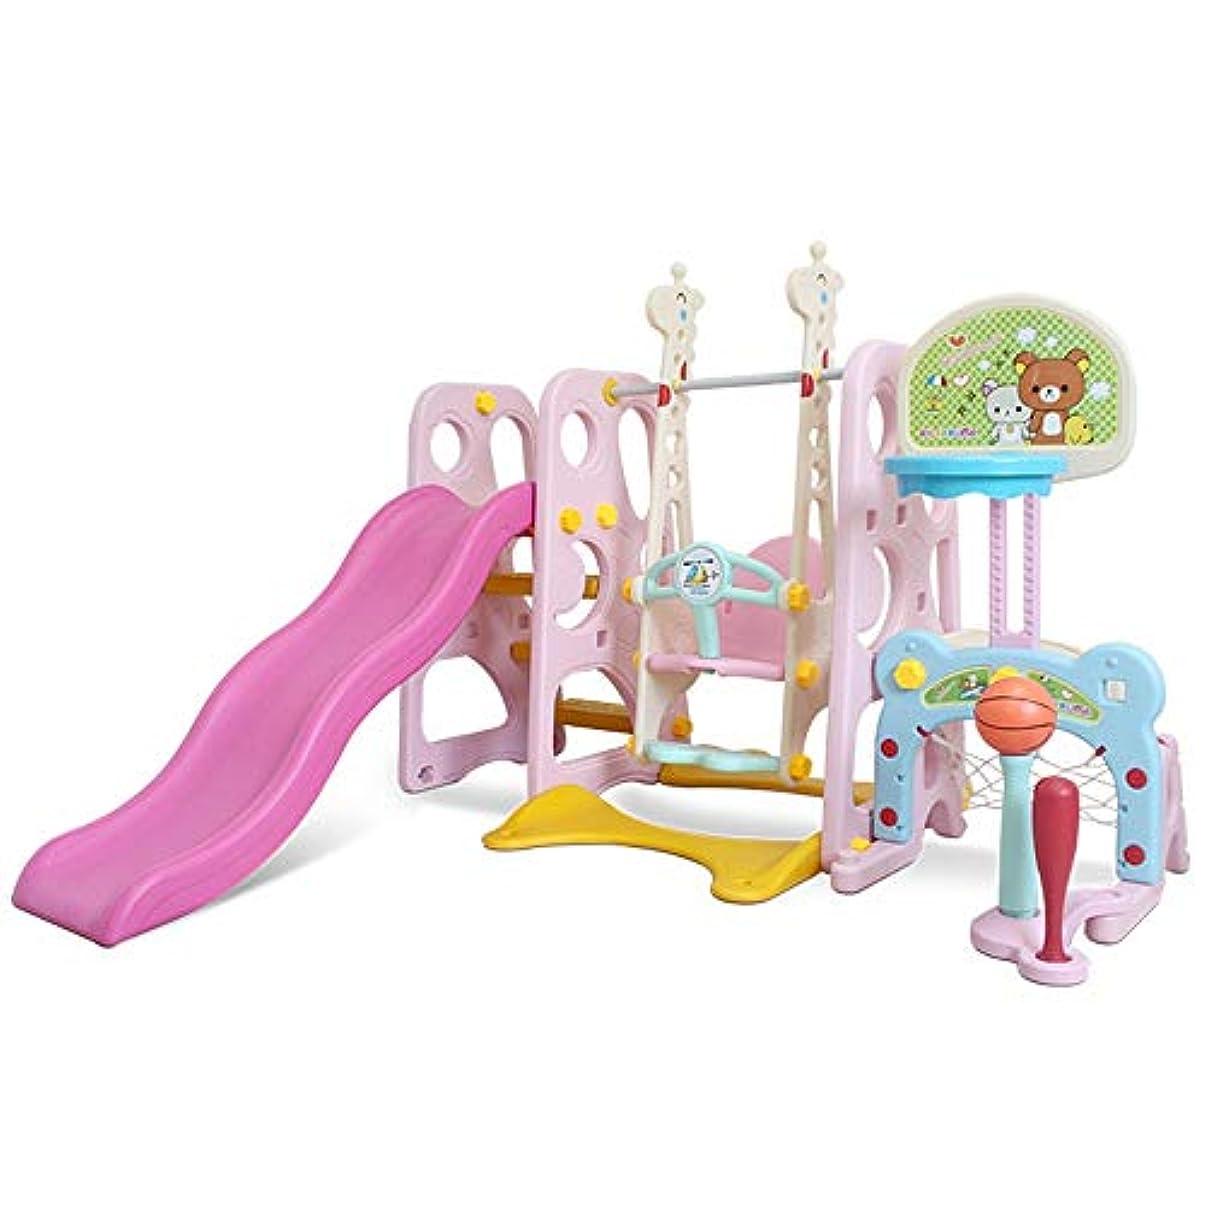 森パノラマ量で滑り台 男の子と女の子の年齢1-10のために3イン1屋内幼児プレイスライド遊び場の理想的なギフト ジュニアアクティビティジム (色 : ピンク, サイズ : 162x175x109cm)